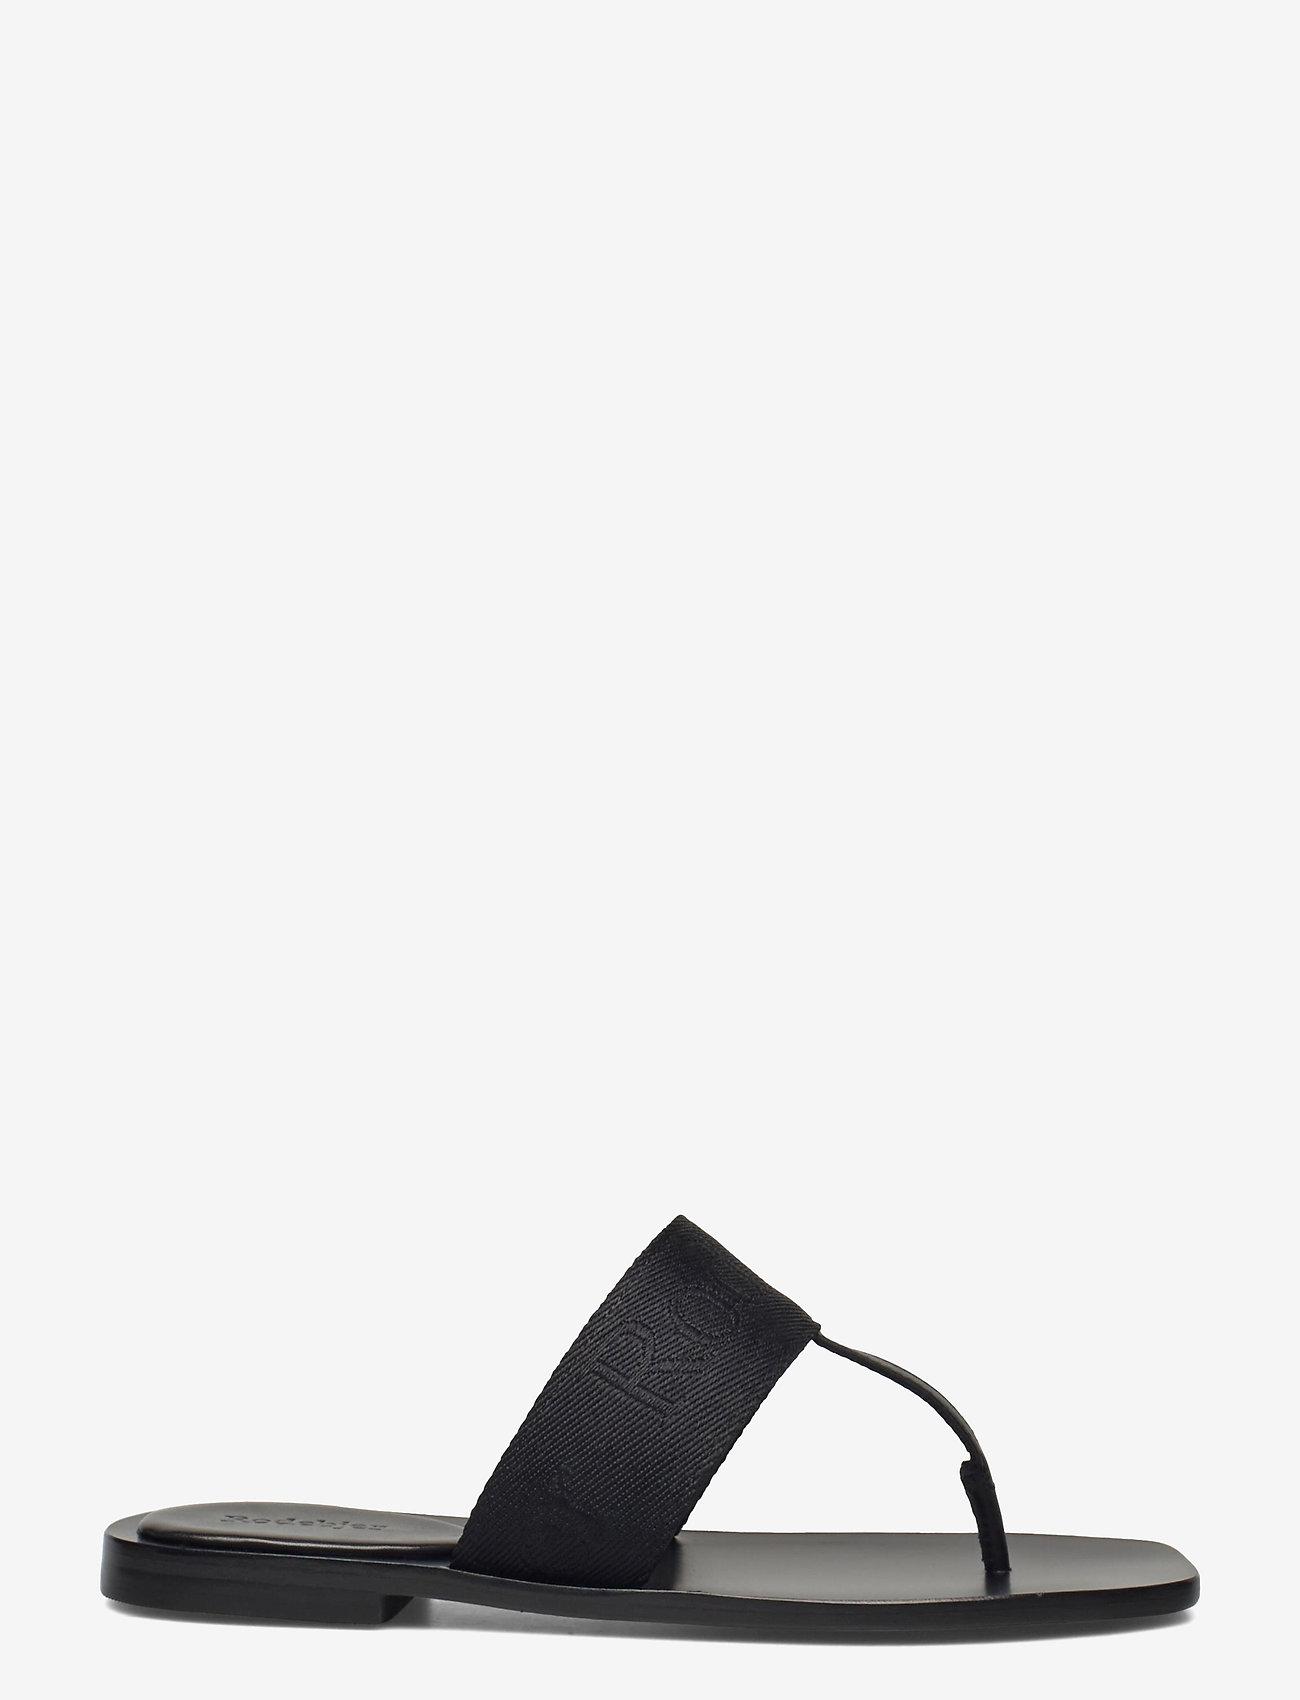 RODEBJER - RODEBJER ROZA - flade sandaler - black - 1